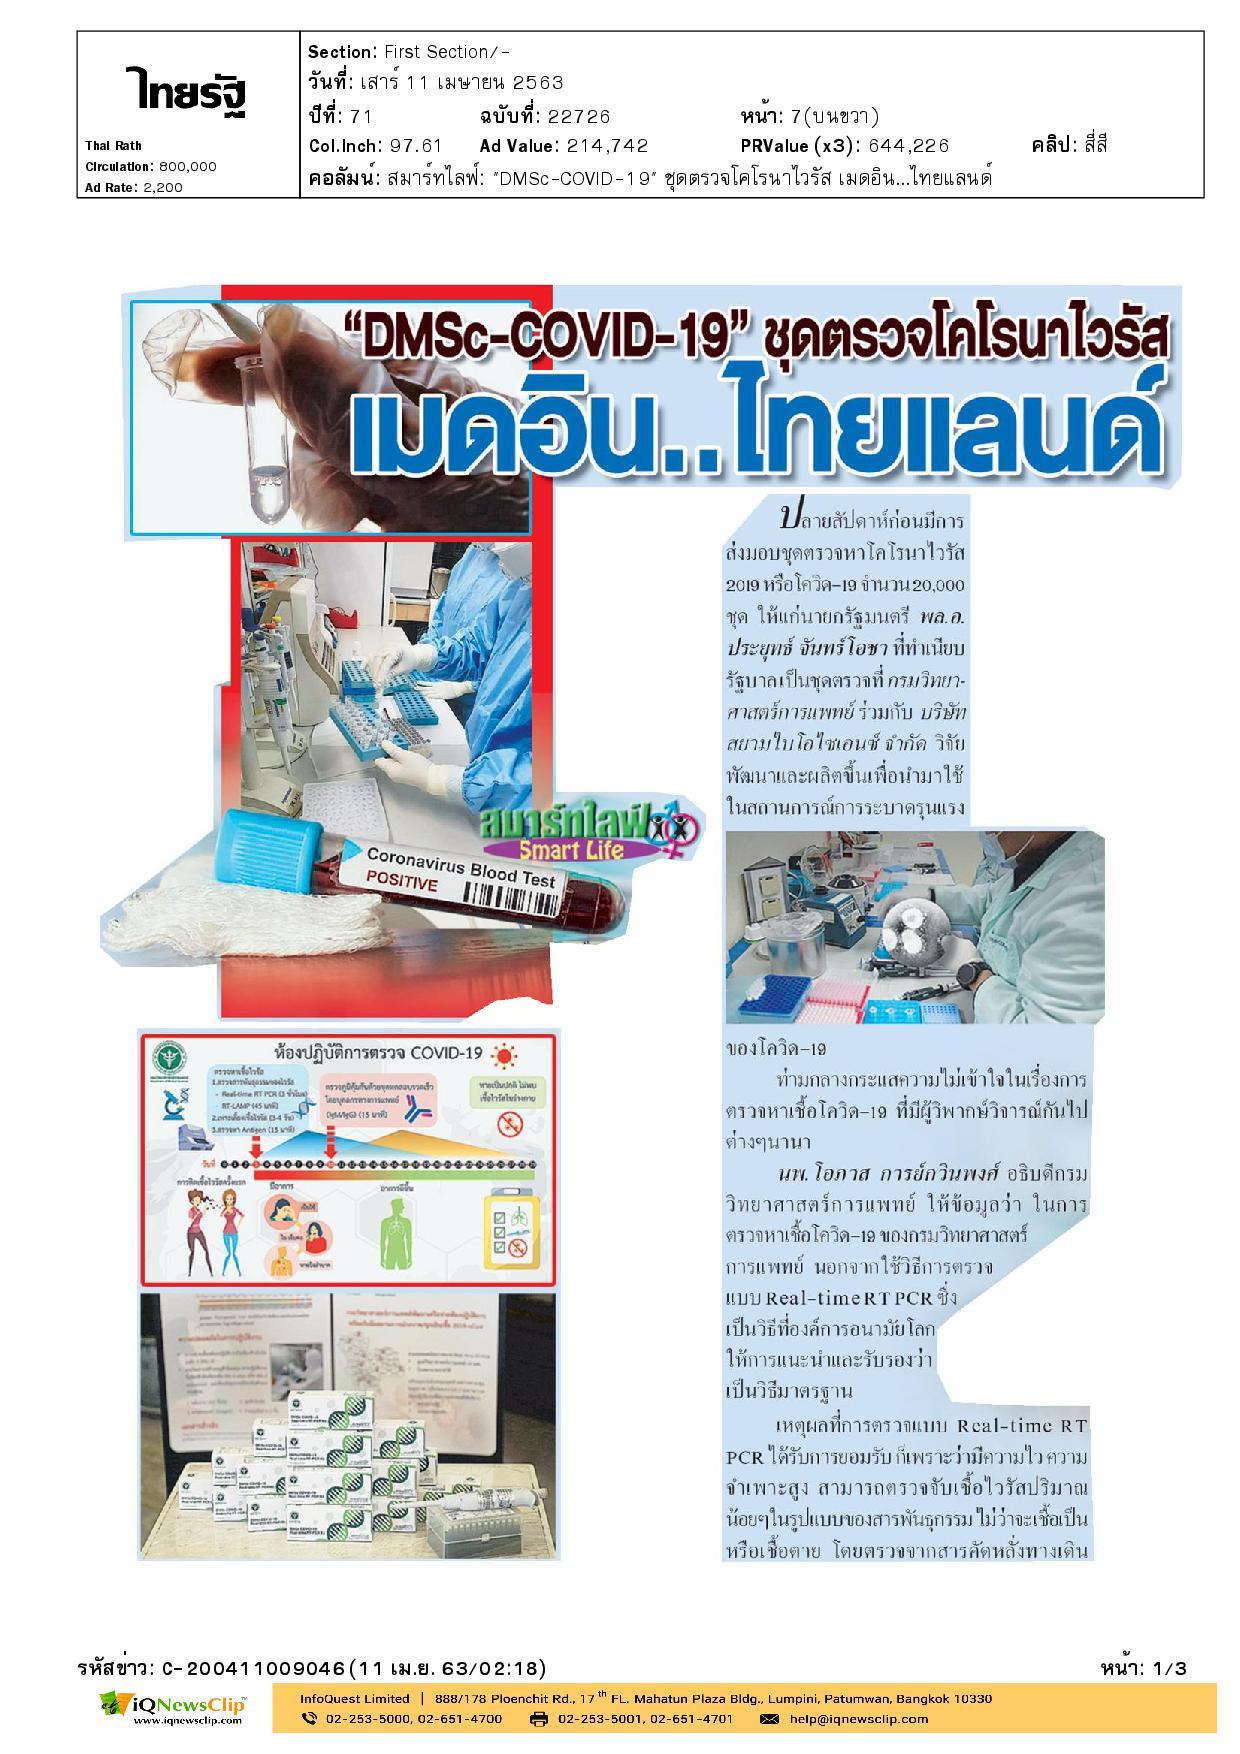 """บทความเรื่อง """" DMSc-COVID-19 ชุดตรวจโคโรนาไวรัส  เมดอิน ไทยแลนด์"""""""